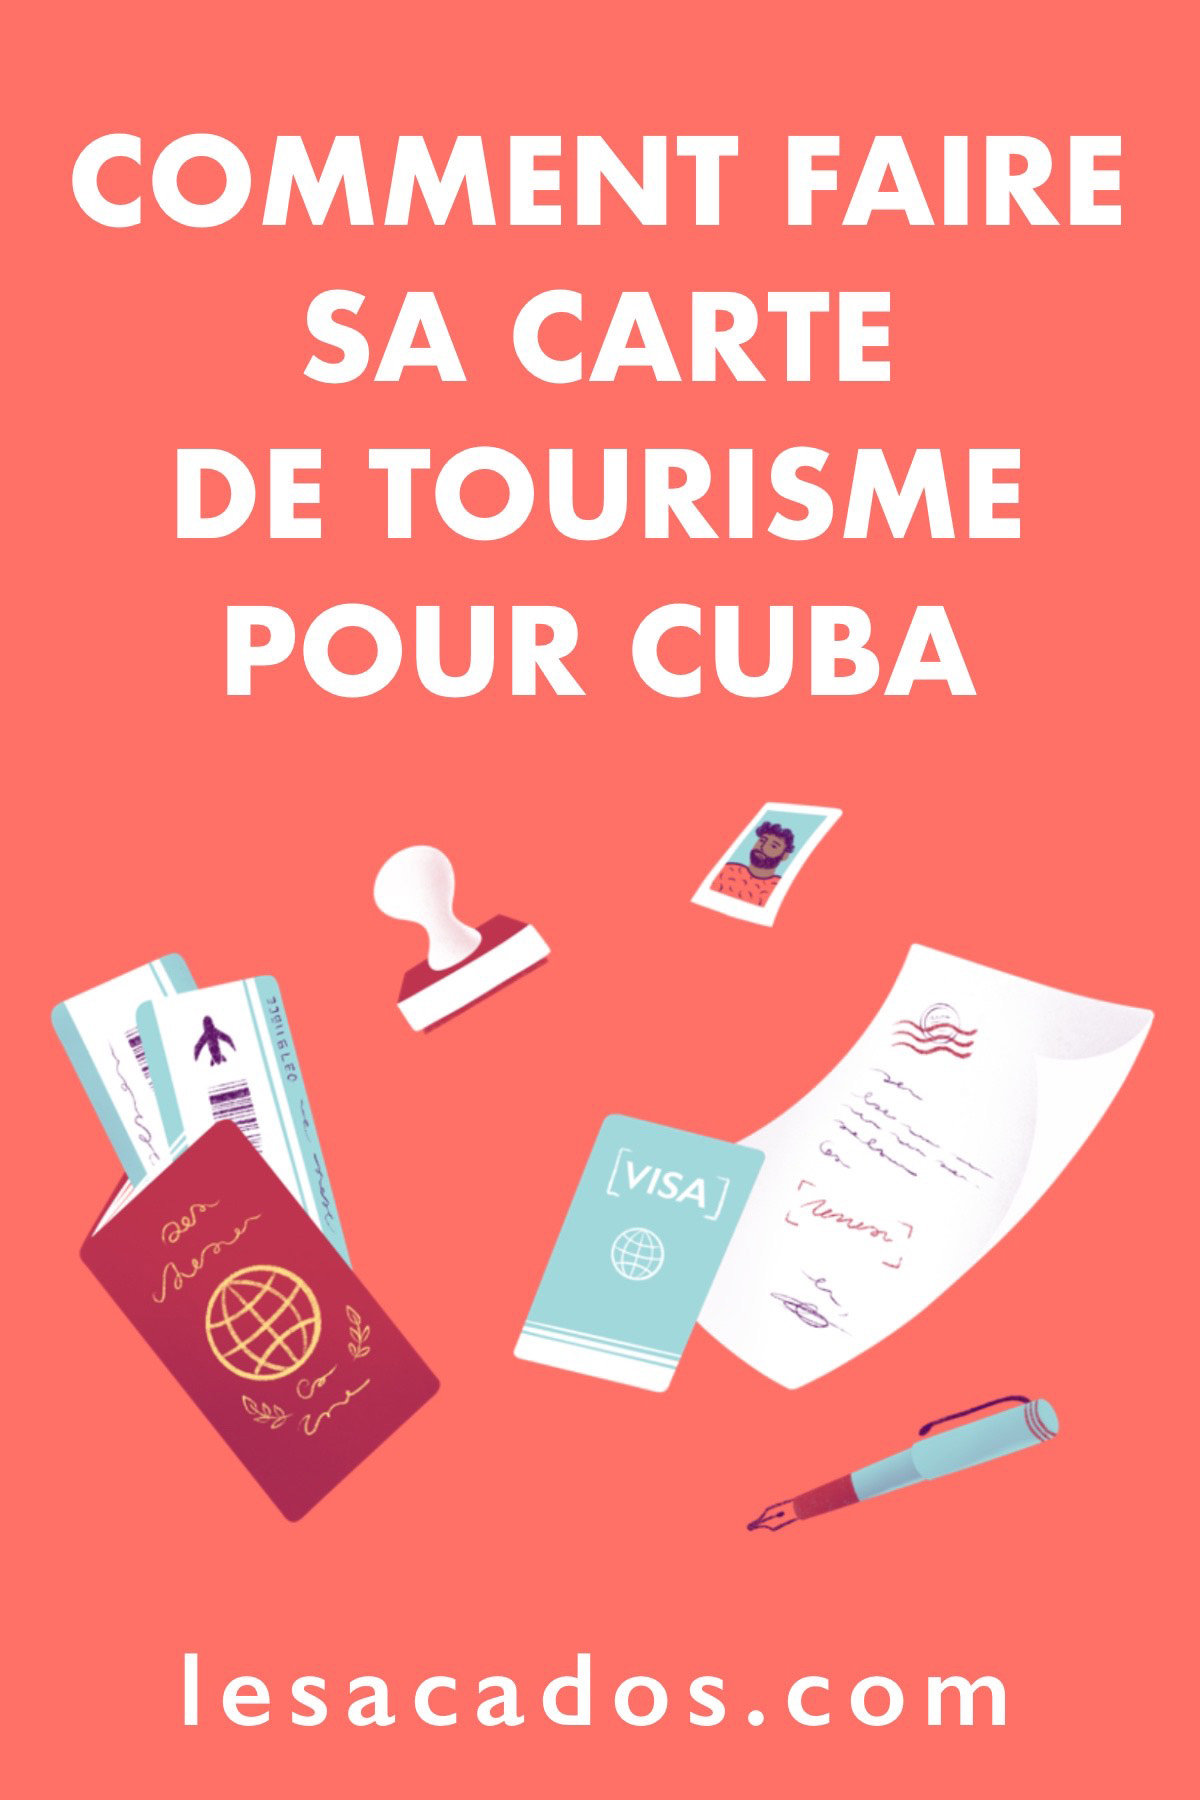 À Cuba on ne parle pas de visa mais de carte de tourisme. Dans cet article j'explique comment faire votre carte tout seul ou en passant par une agence.